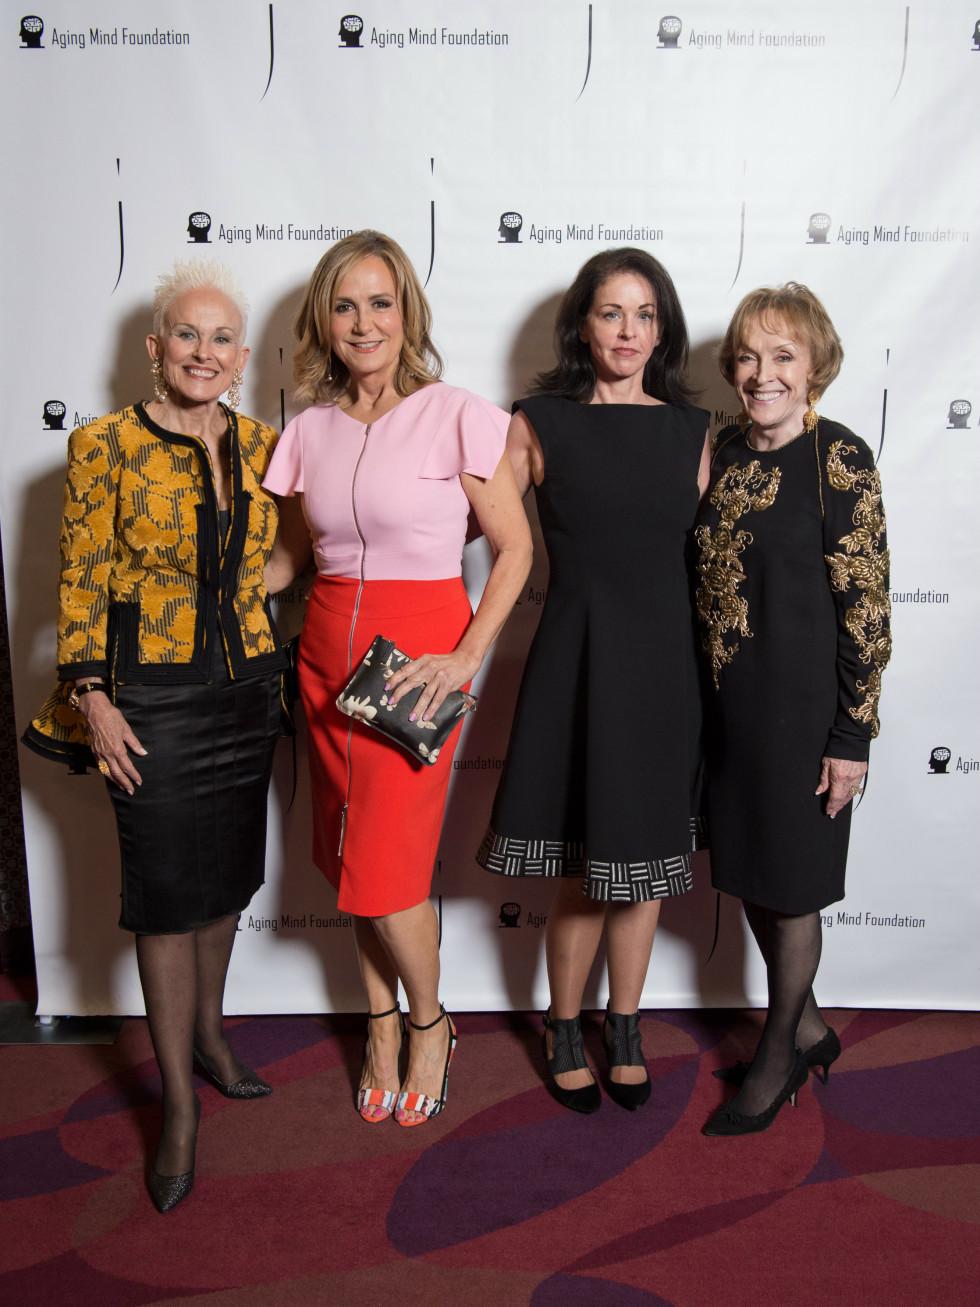 Barbara Daseke, Jane McGarry, Julie Tregoning, Laree Hulshoff